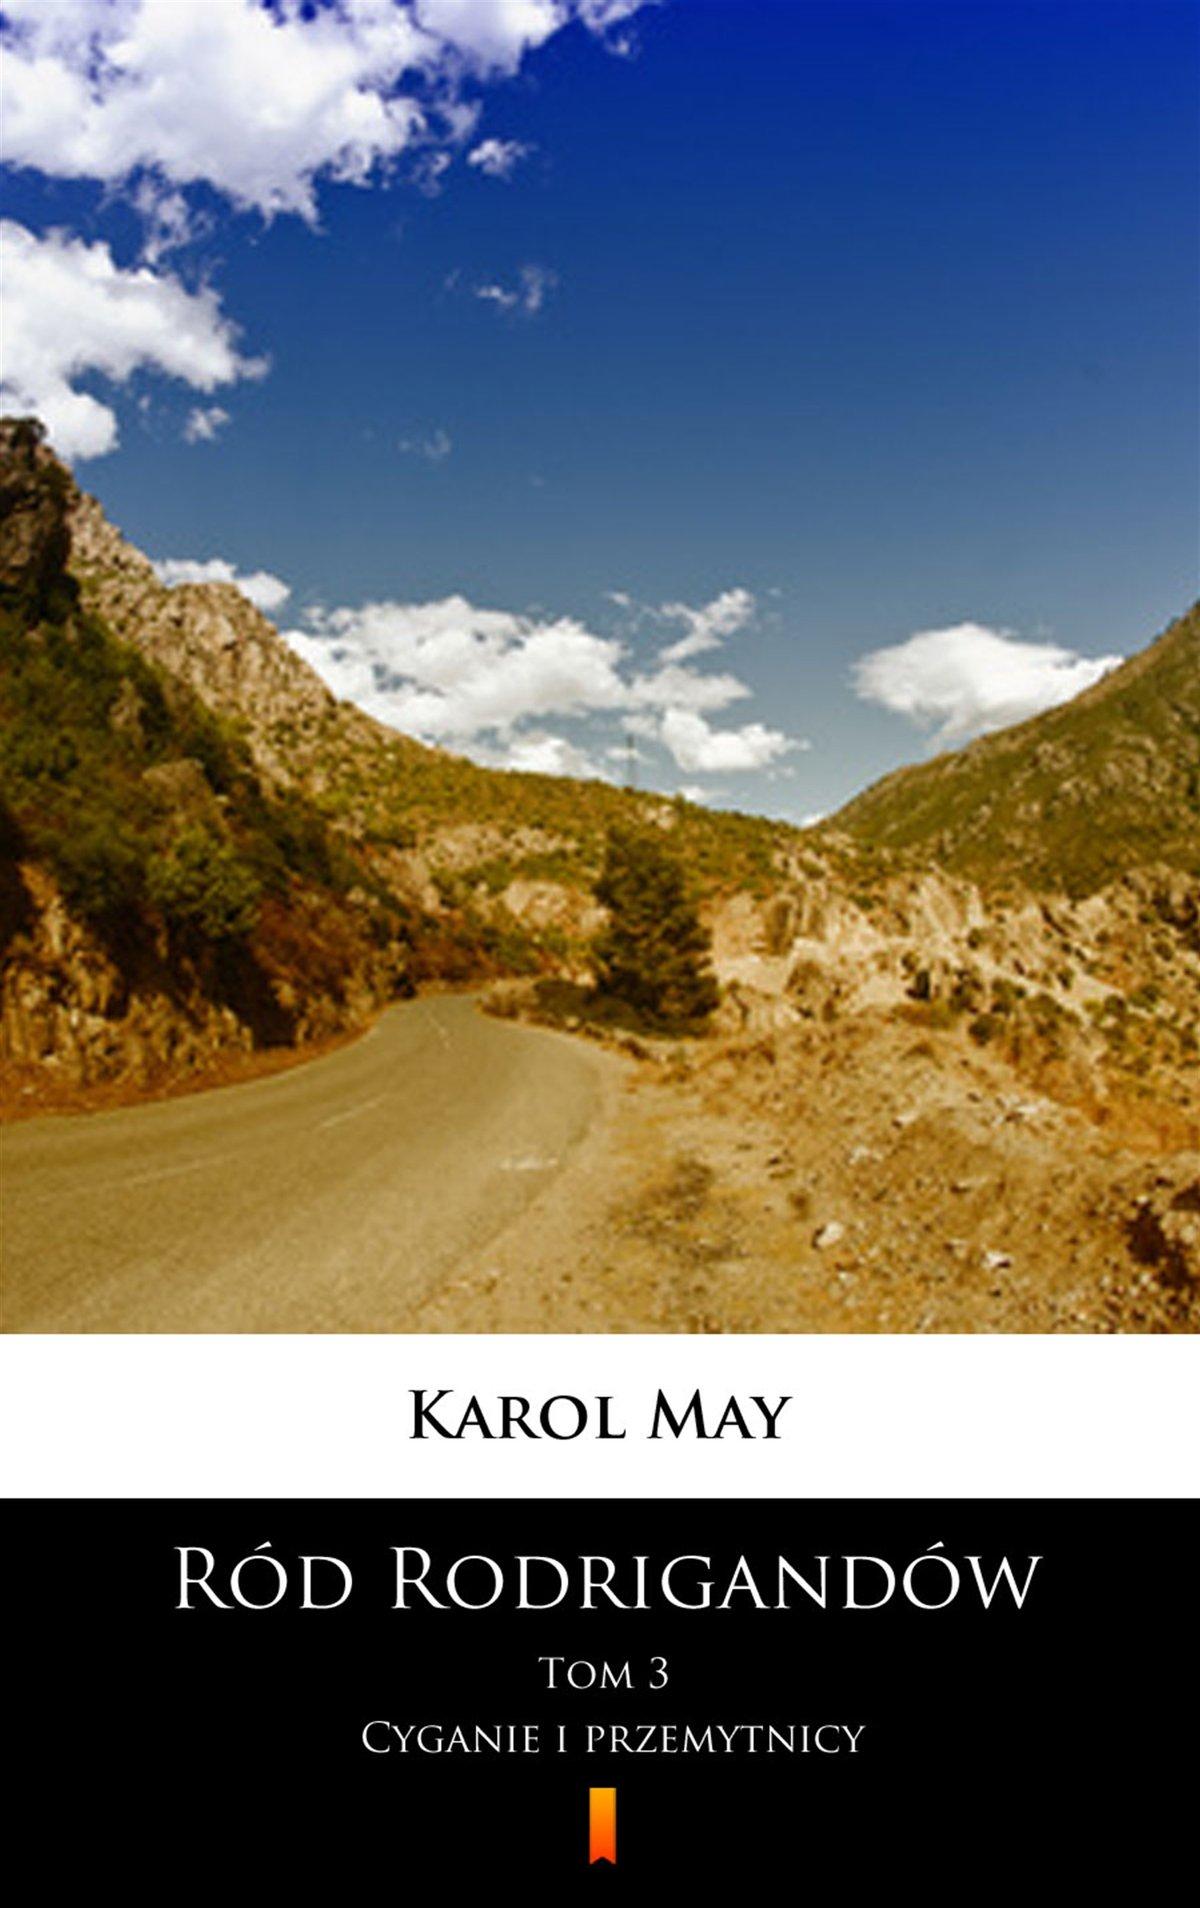 Ród Rodrigandów. Cyganie i przemytnicy - Ebook (Książka na Kindle) do pobrania w formacie MOBI